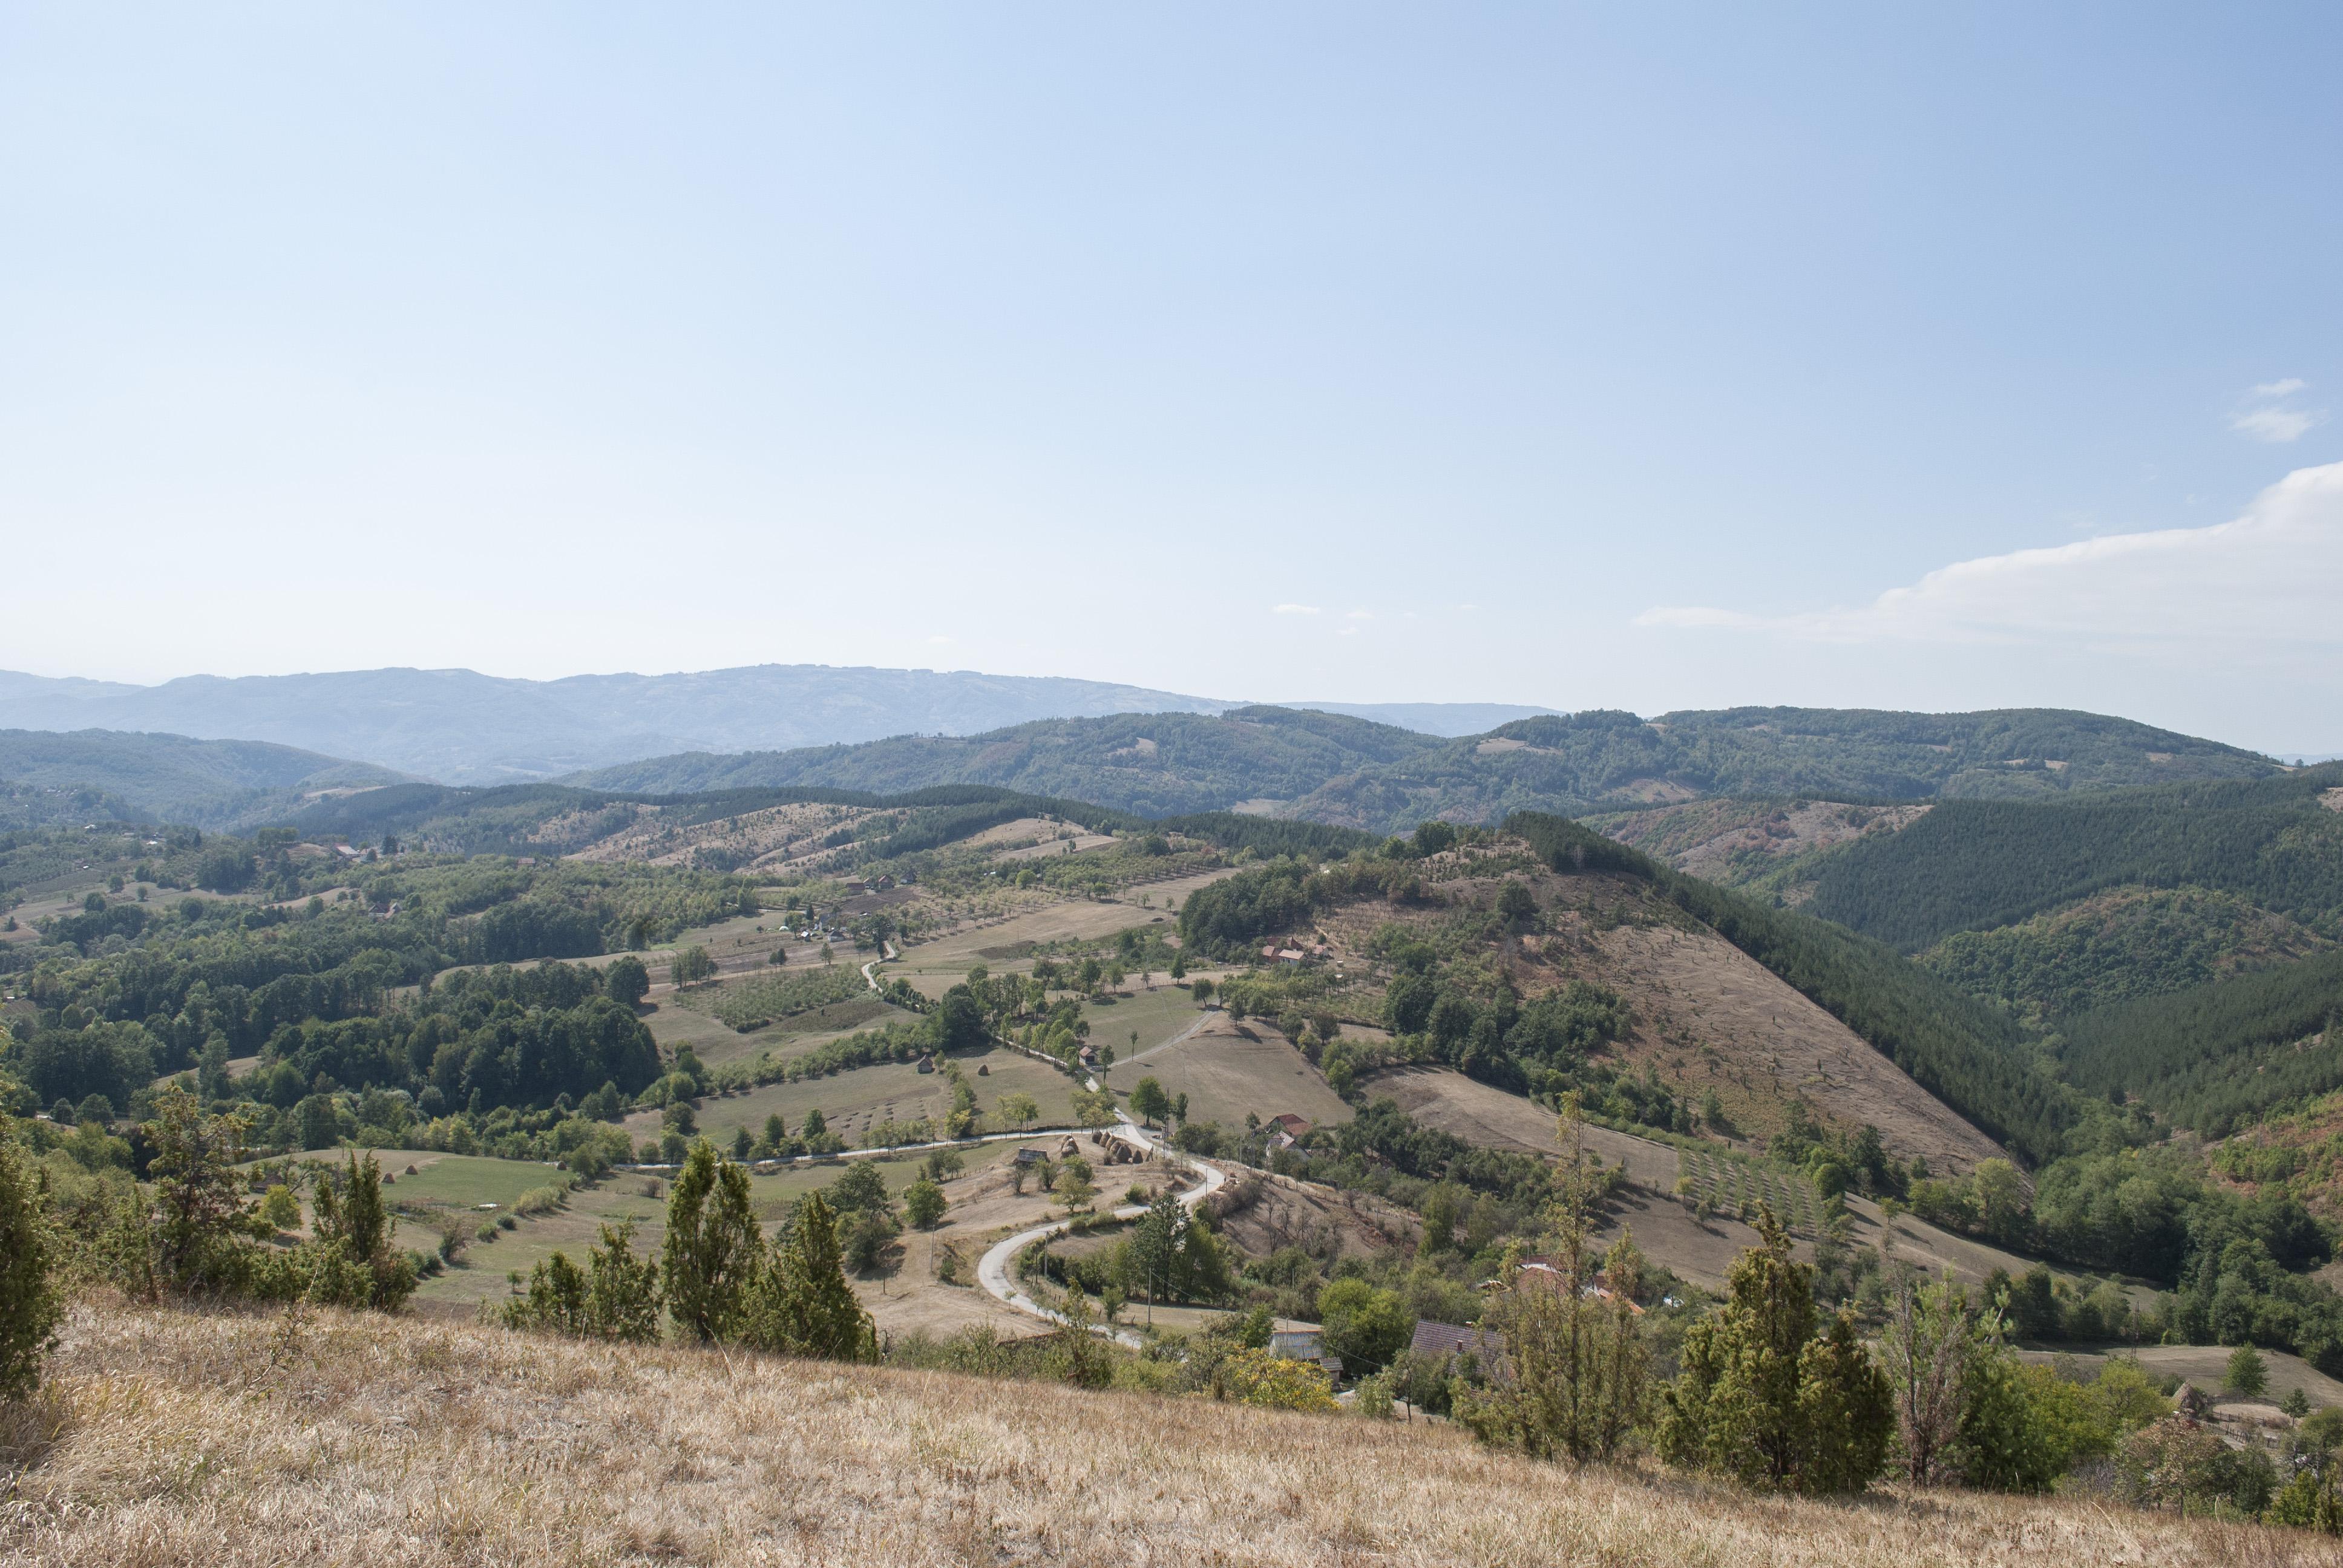 Radanovci, jedno od sela opštine Kosjerić u kome je sve manje stanovništva